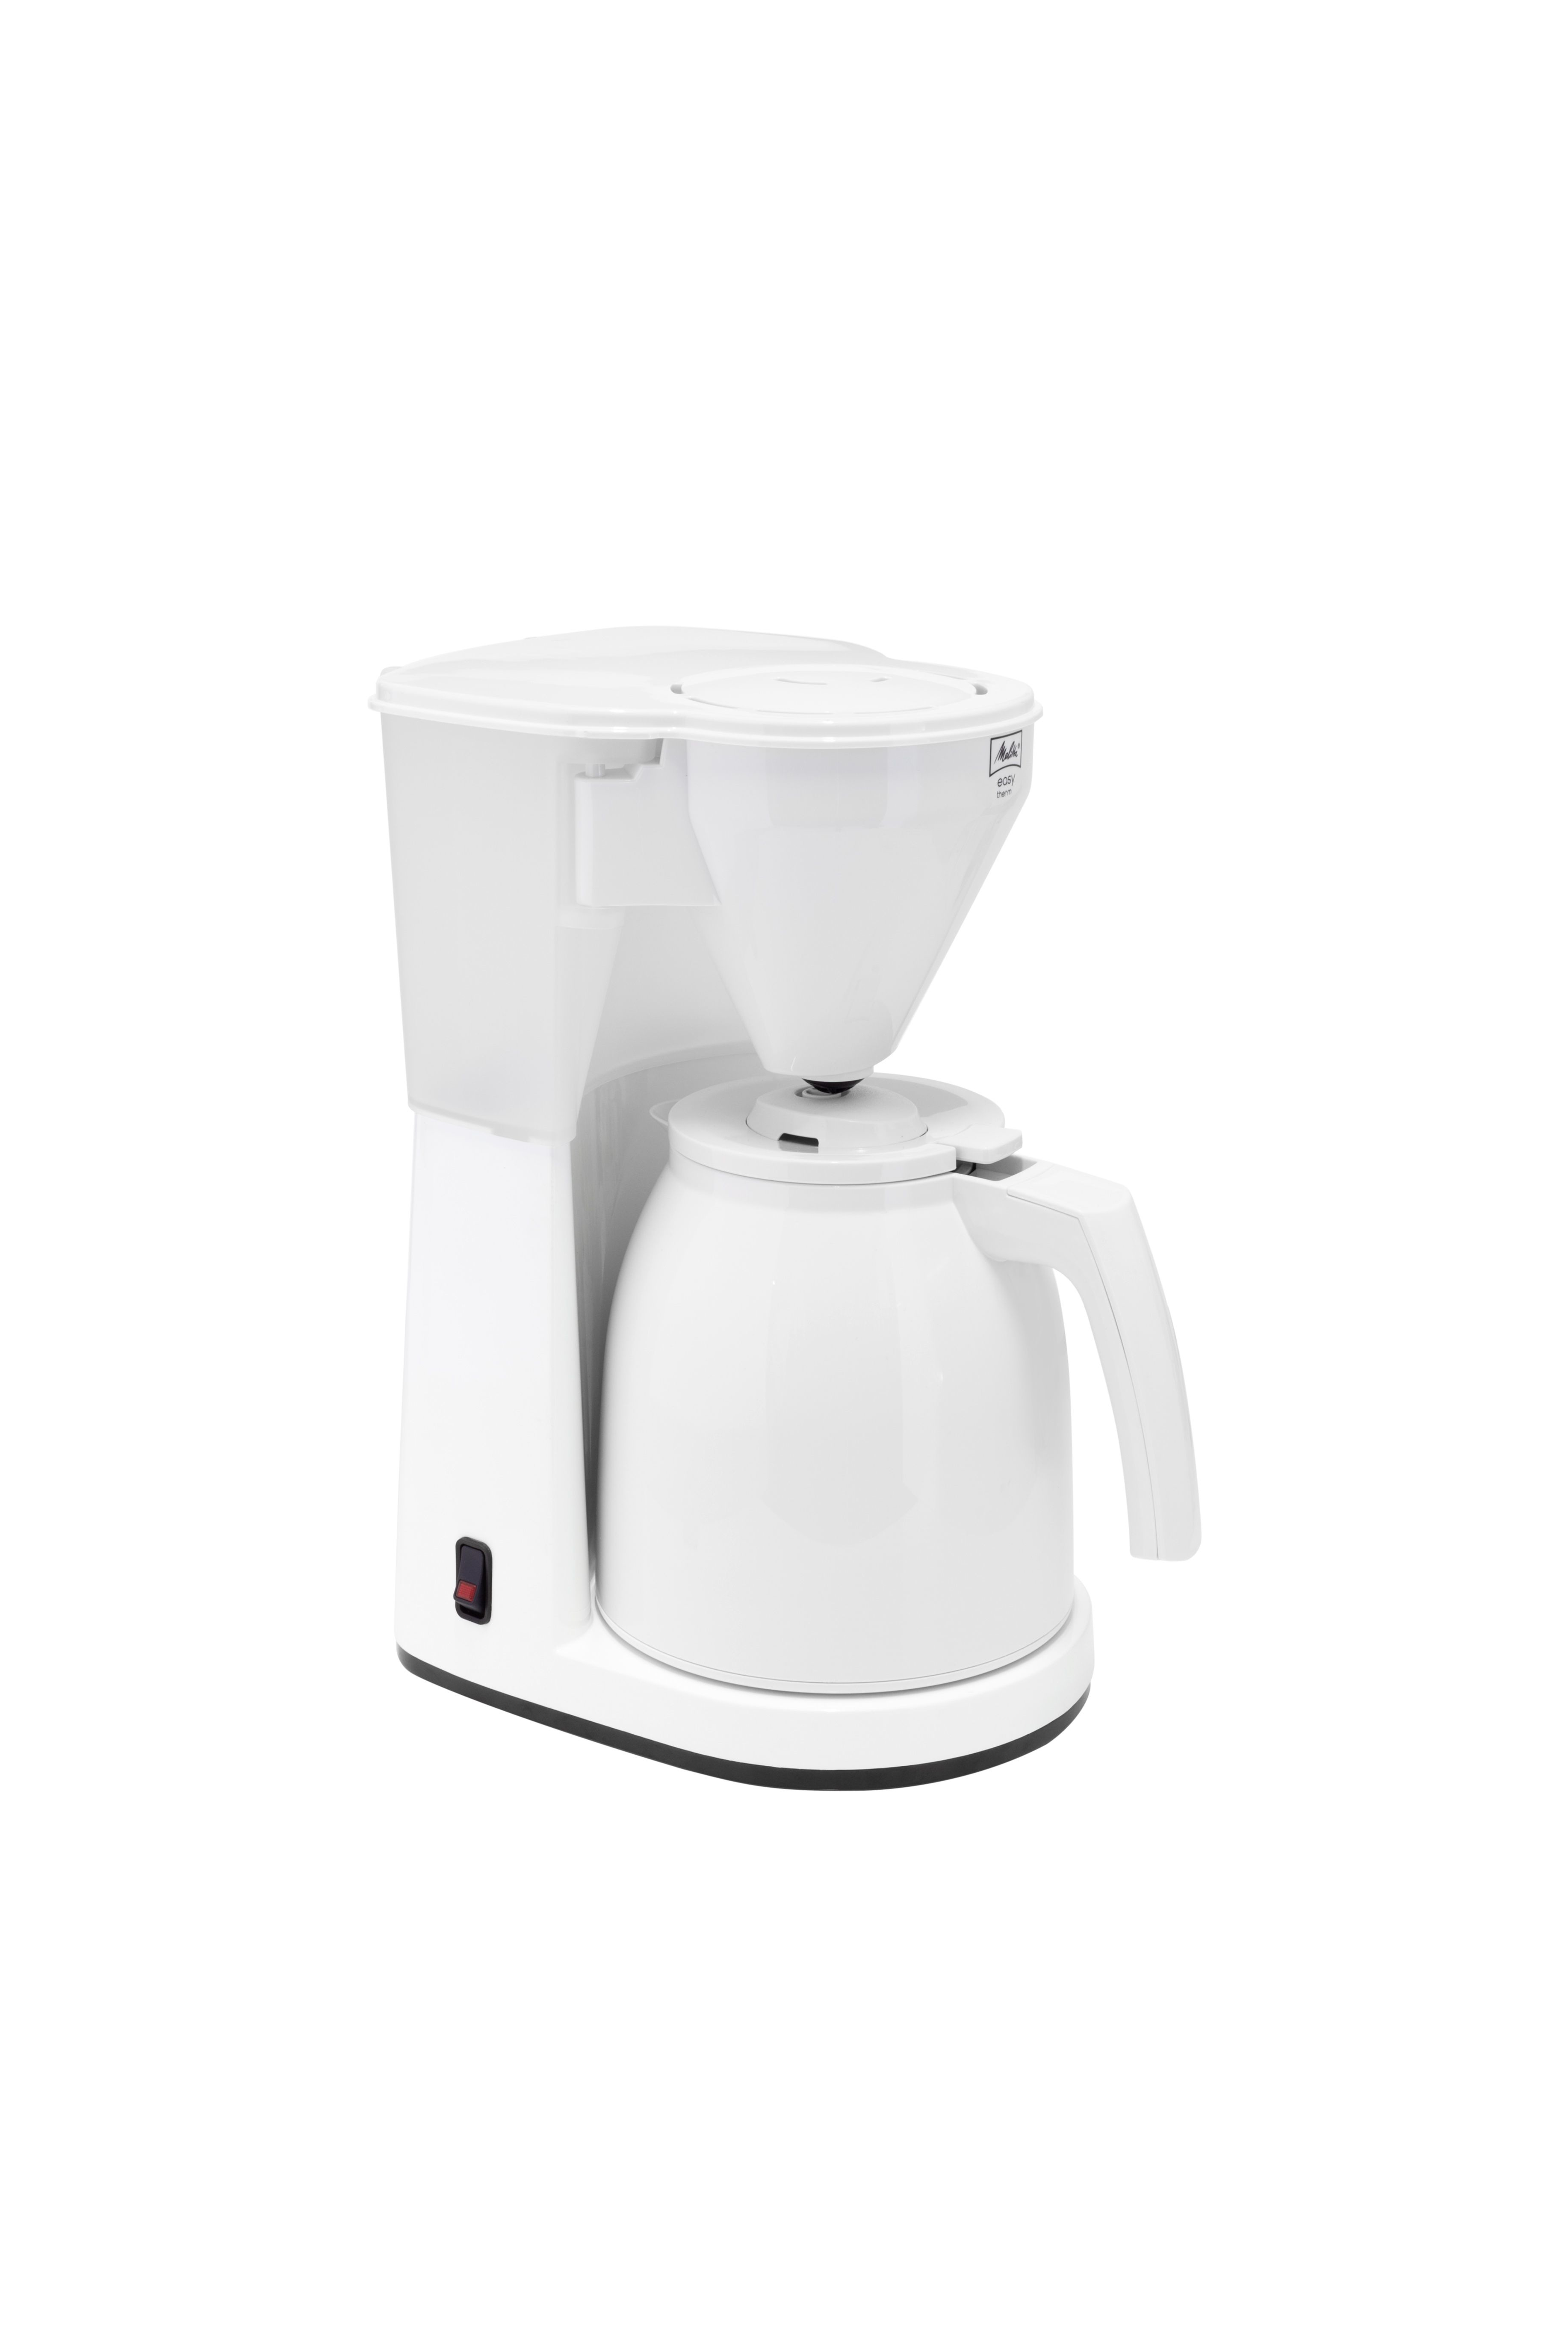 Koffiezetapp. 8-kops met Auto-